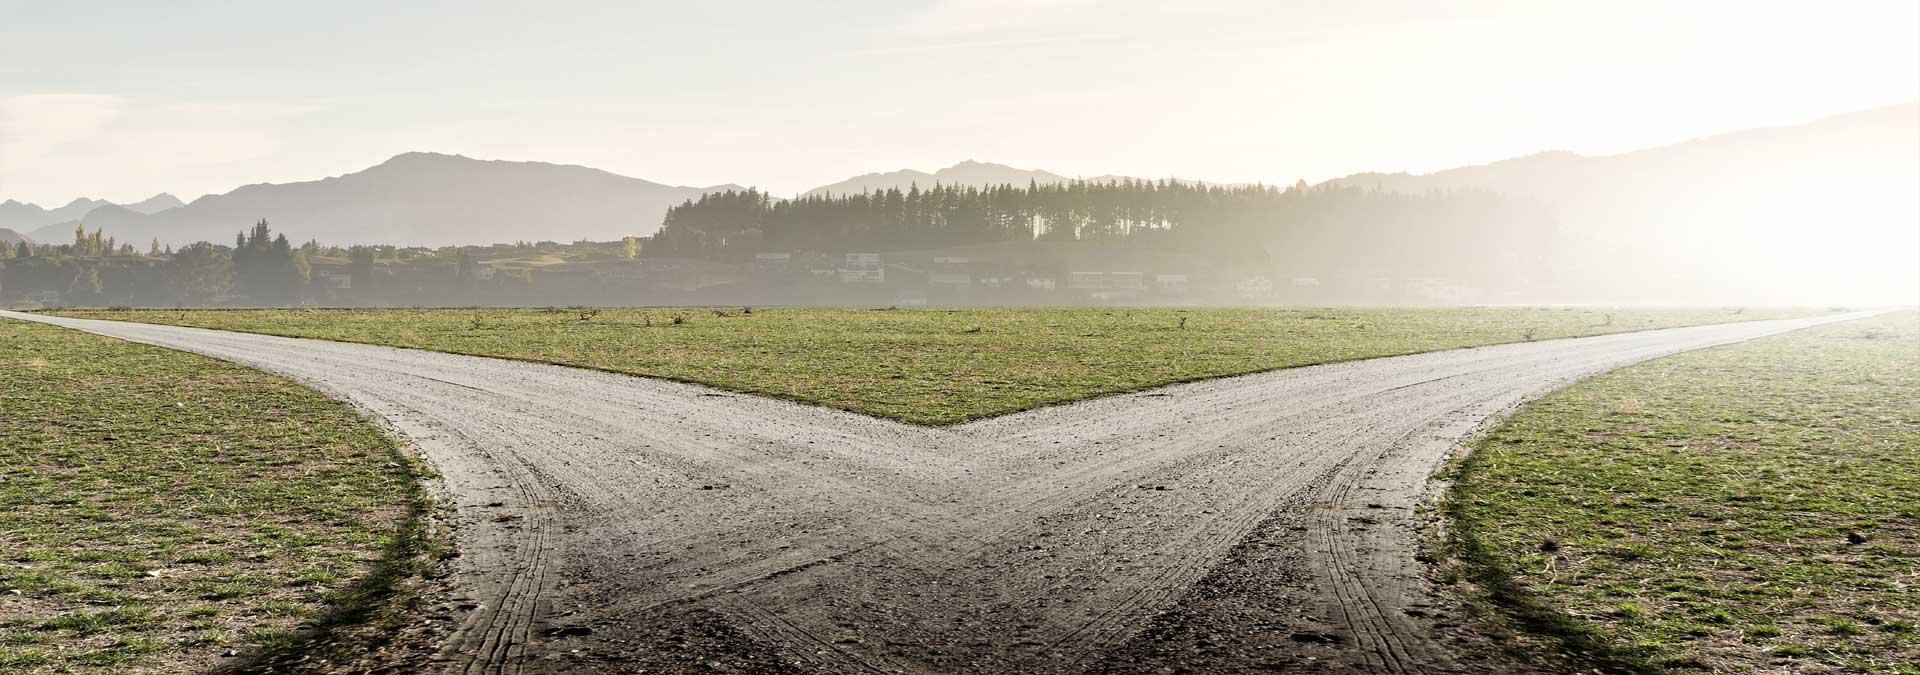 inzichten van ingspire.nl die jou helpen als je op een kruispunt in je leven staat